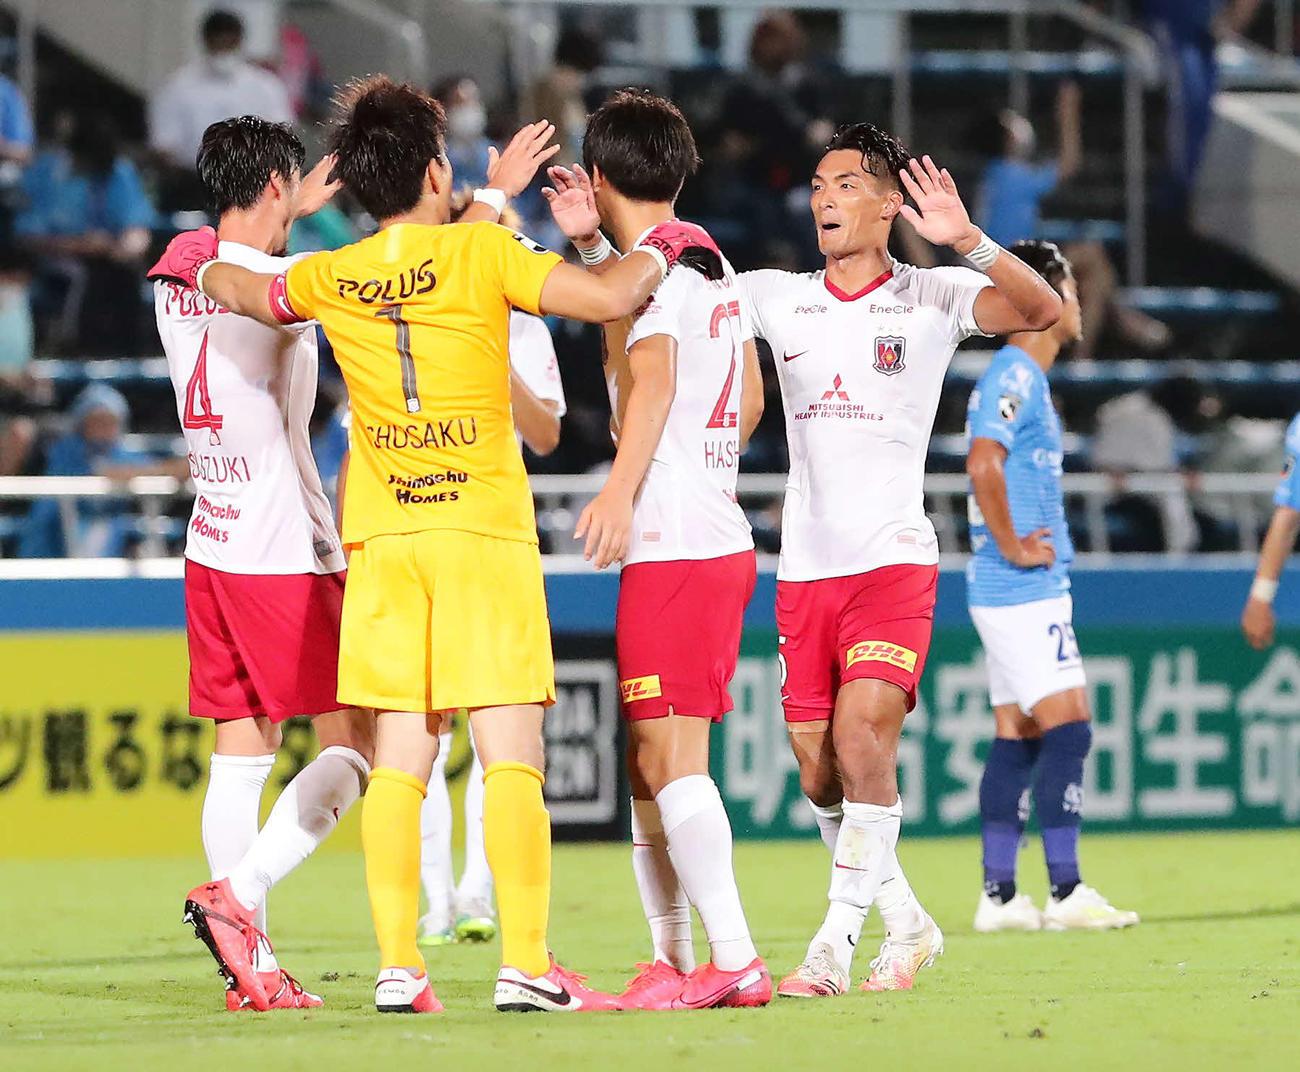 横浜FC対浦和 勝利を喜ぶ槙野(右)ら浦和イレブン(撮影・丹羽敏通)